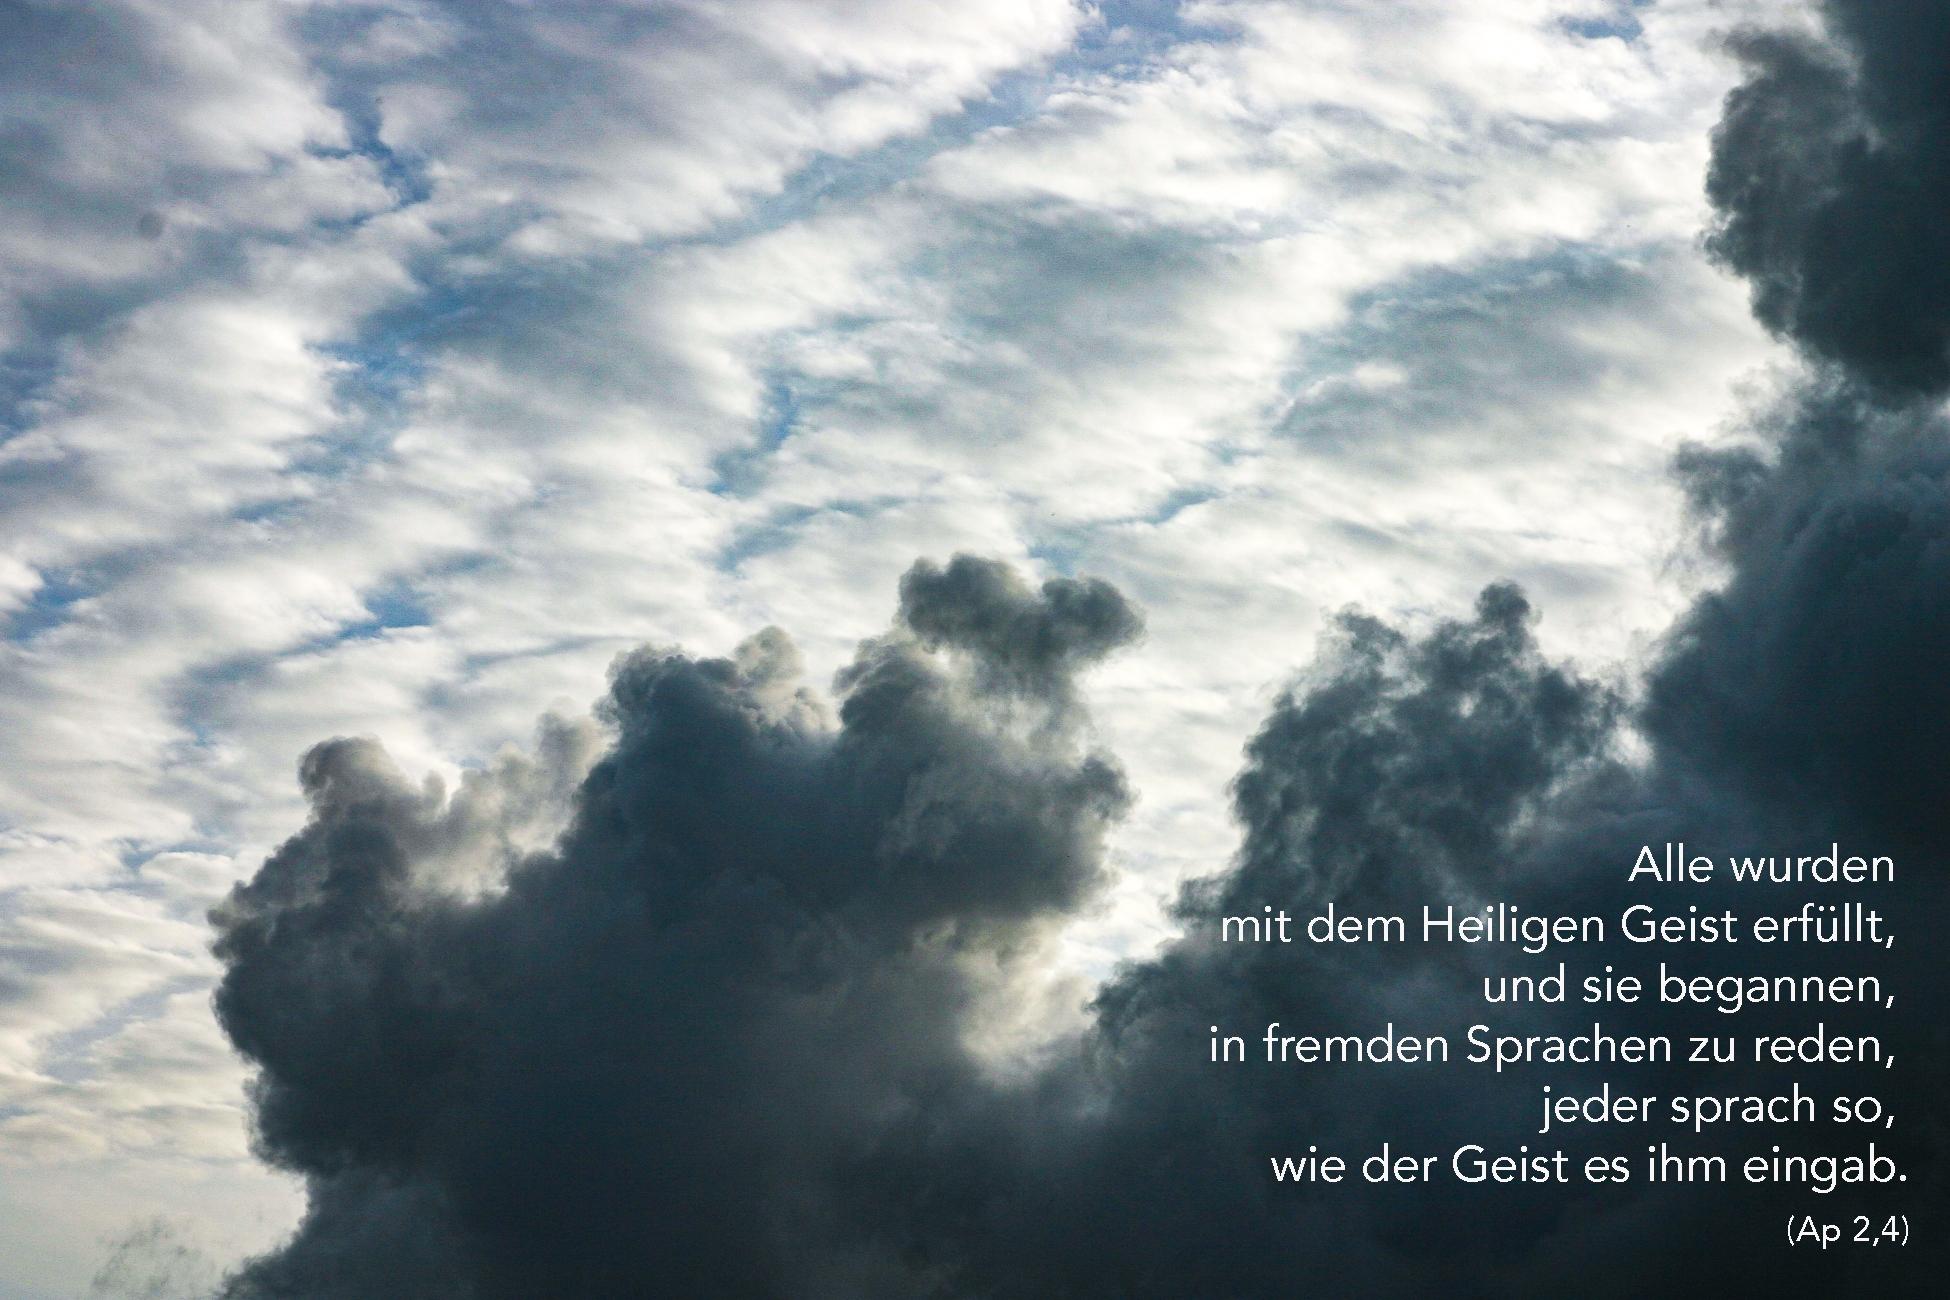 Alle wurden mit dem Heiligen Geist erfüllt (Ap 2,4)